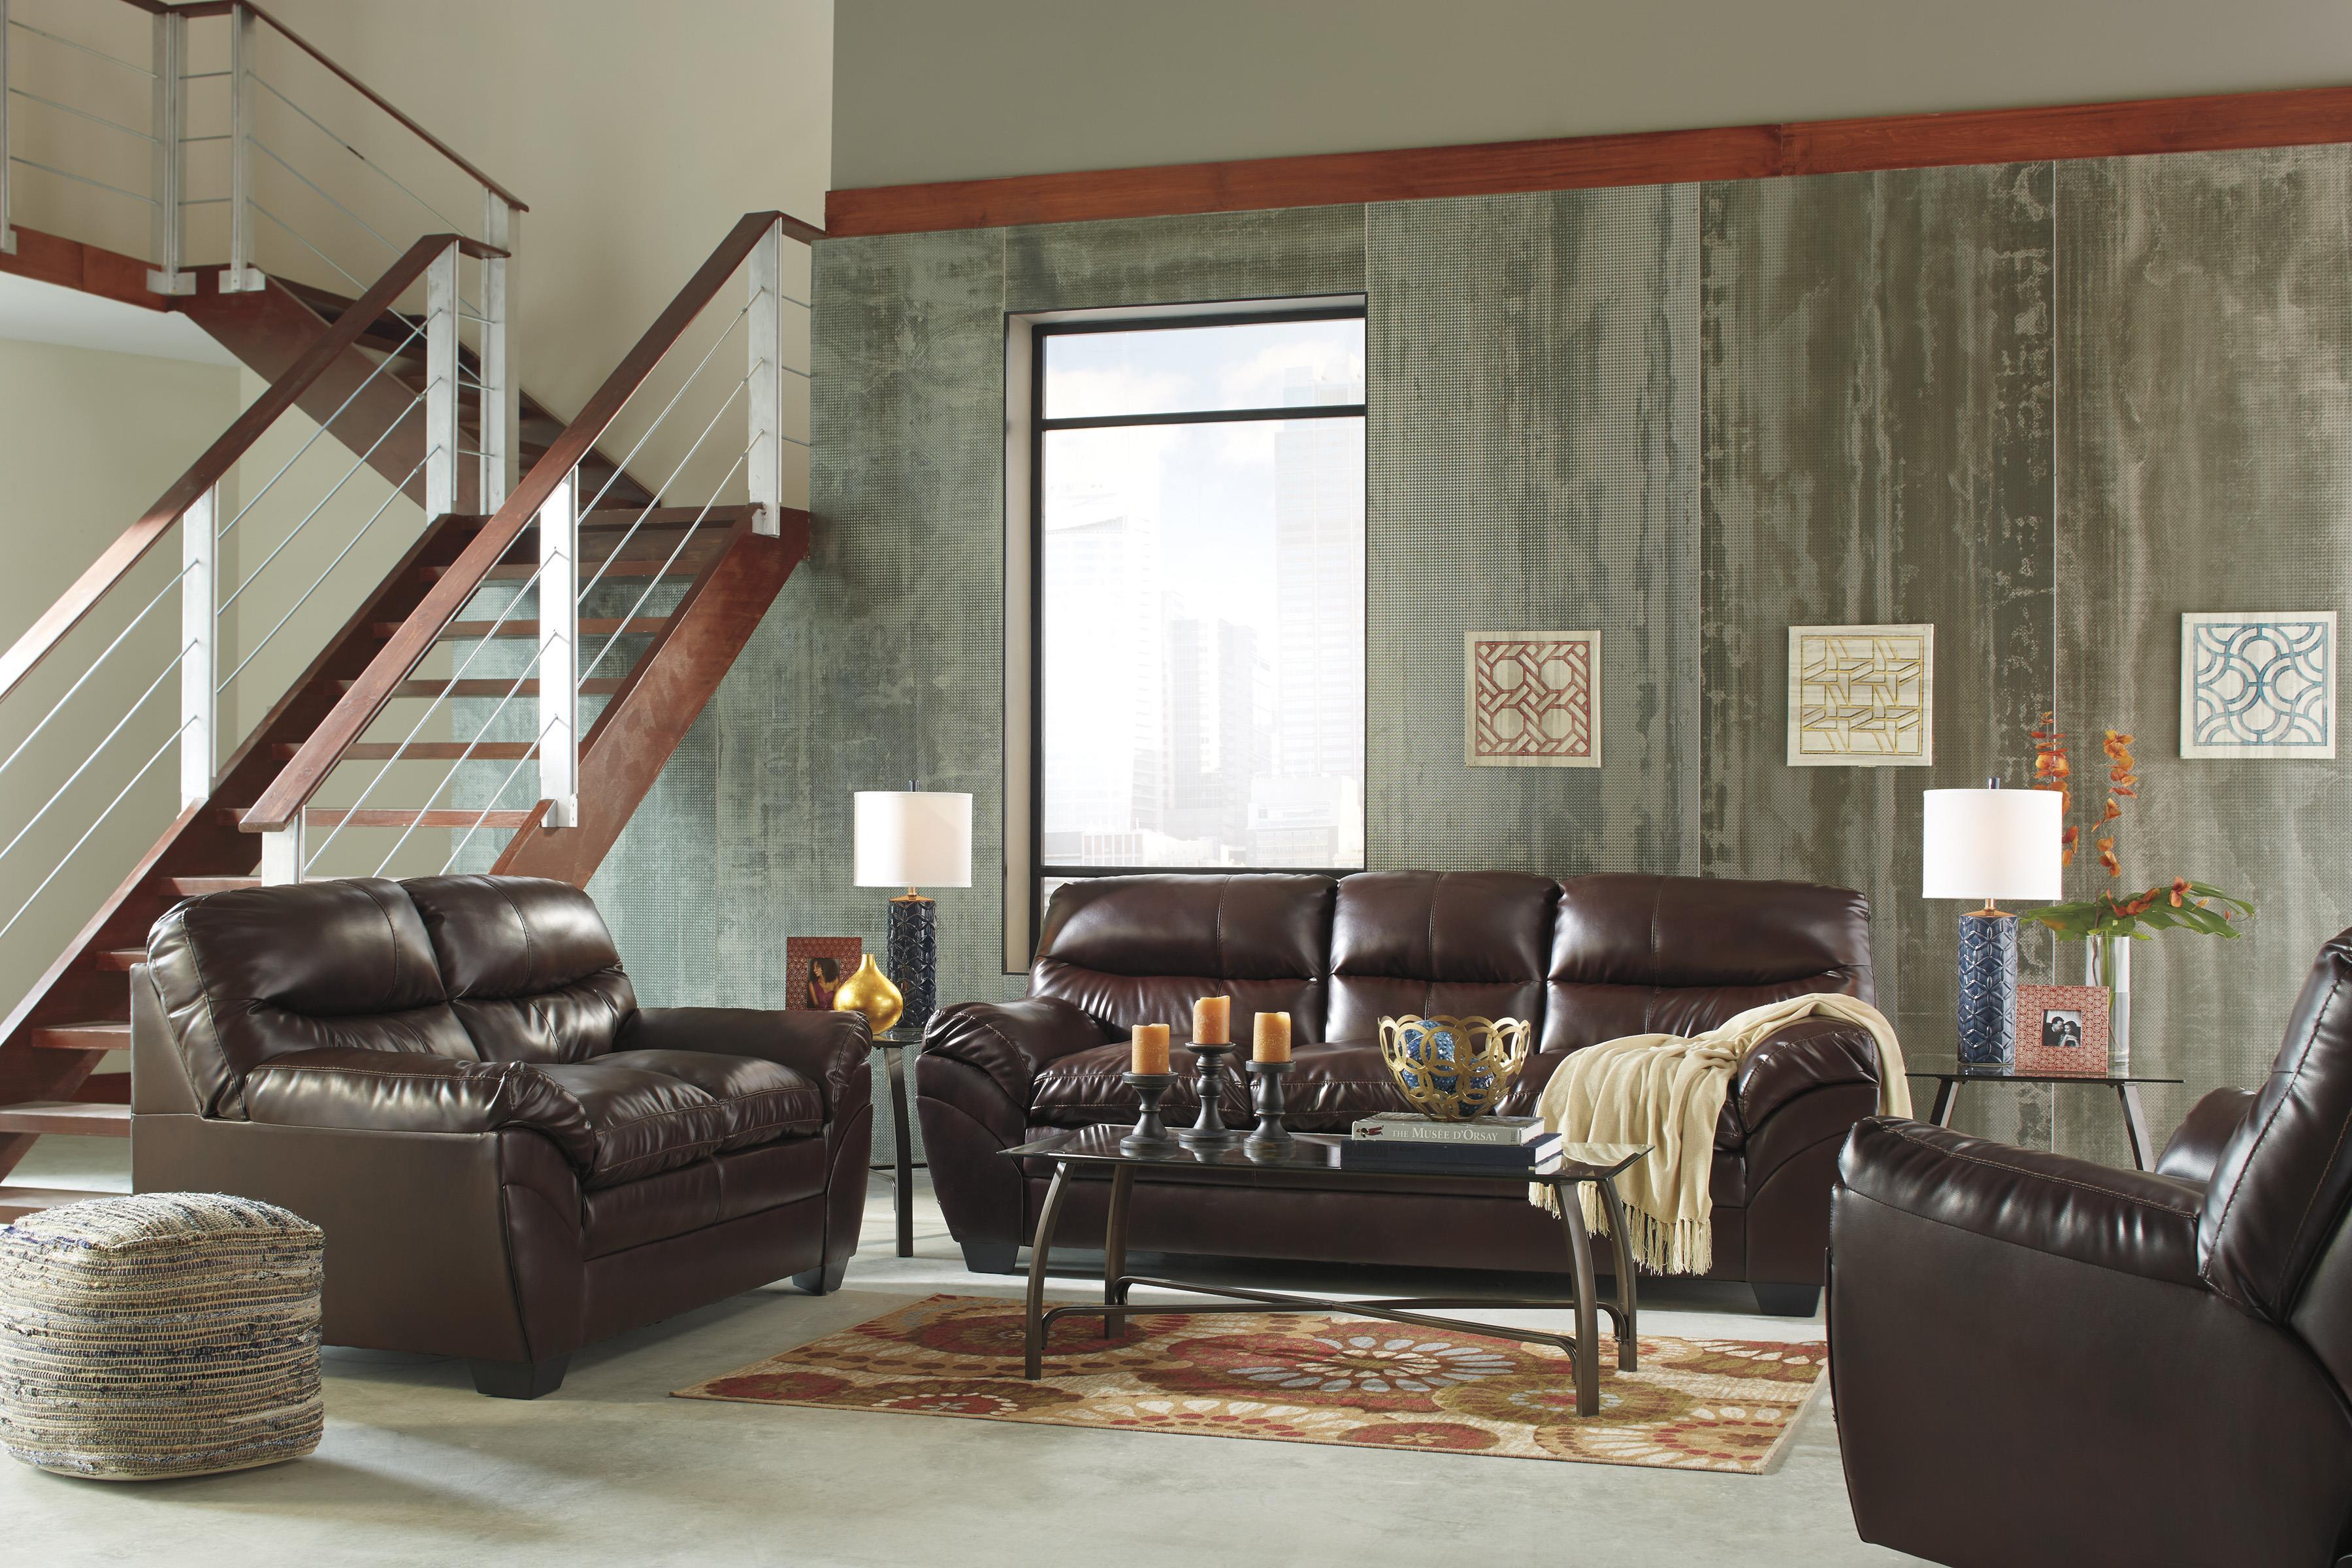 Signature Design by Ashley Tassler DuraBlend® Stationary Living Room Group - Item Number: 46502 Living Room Group 3